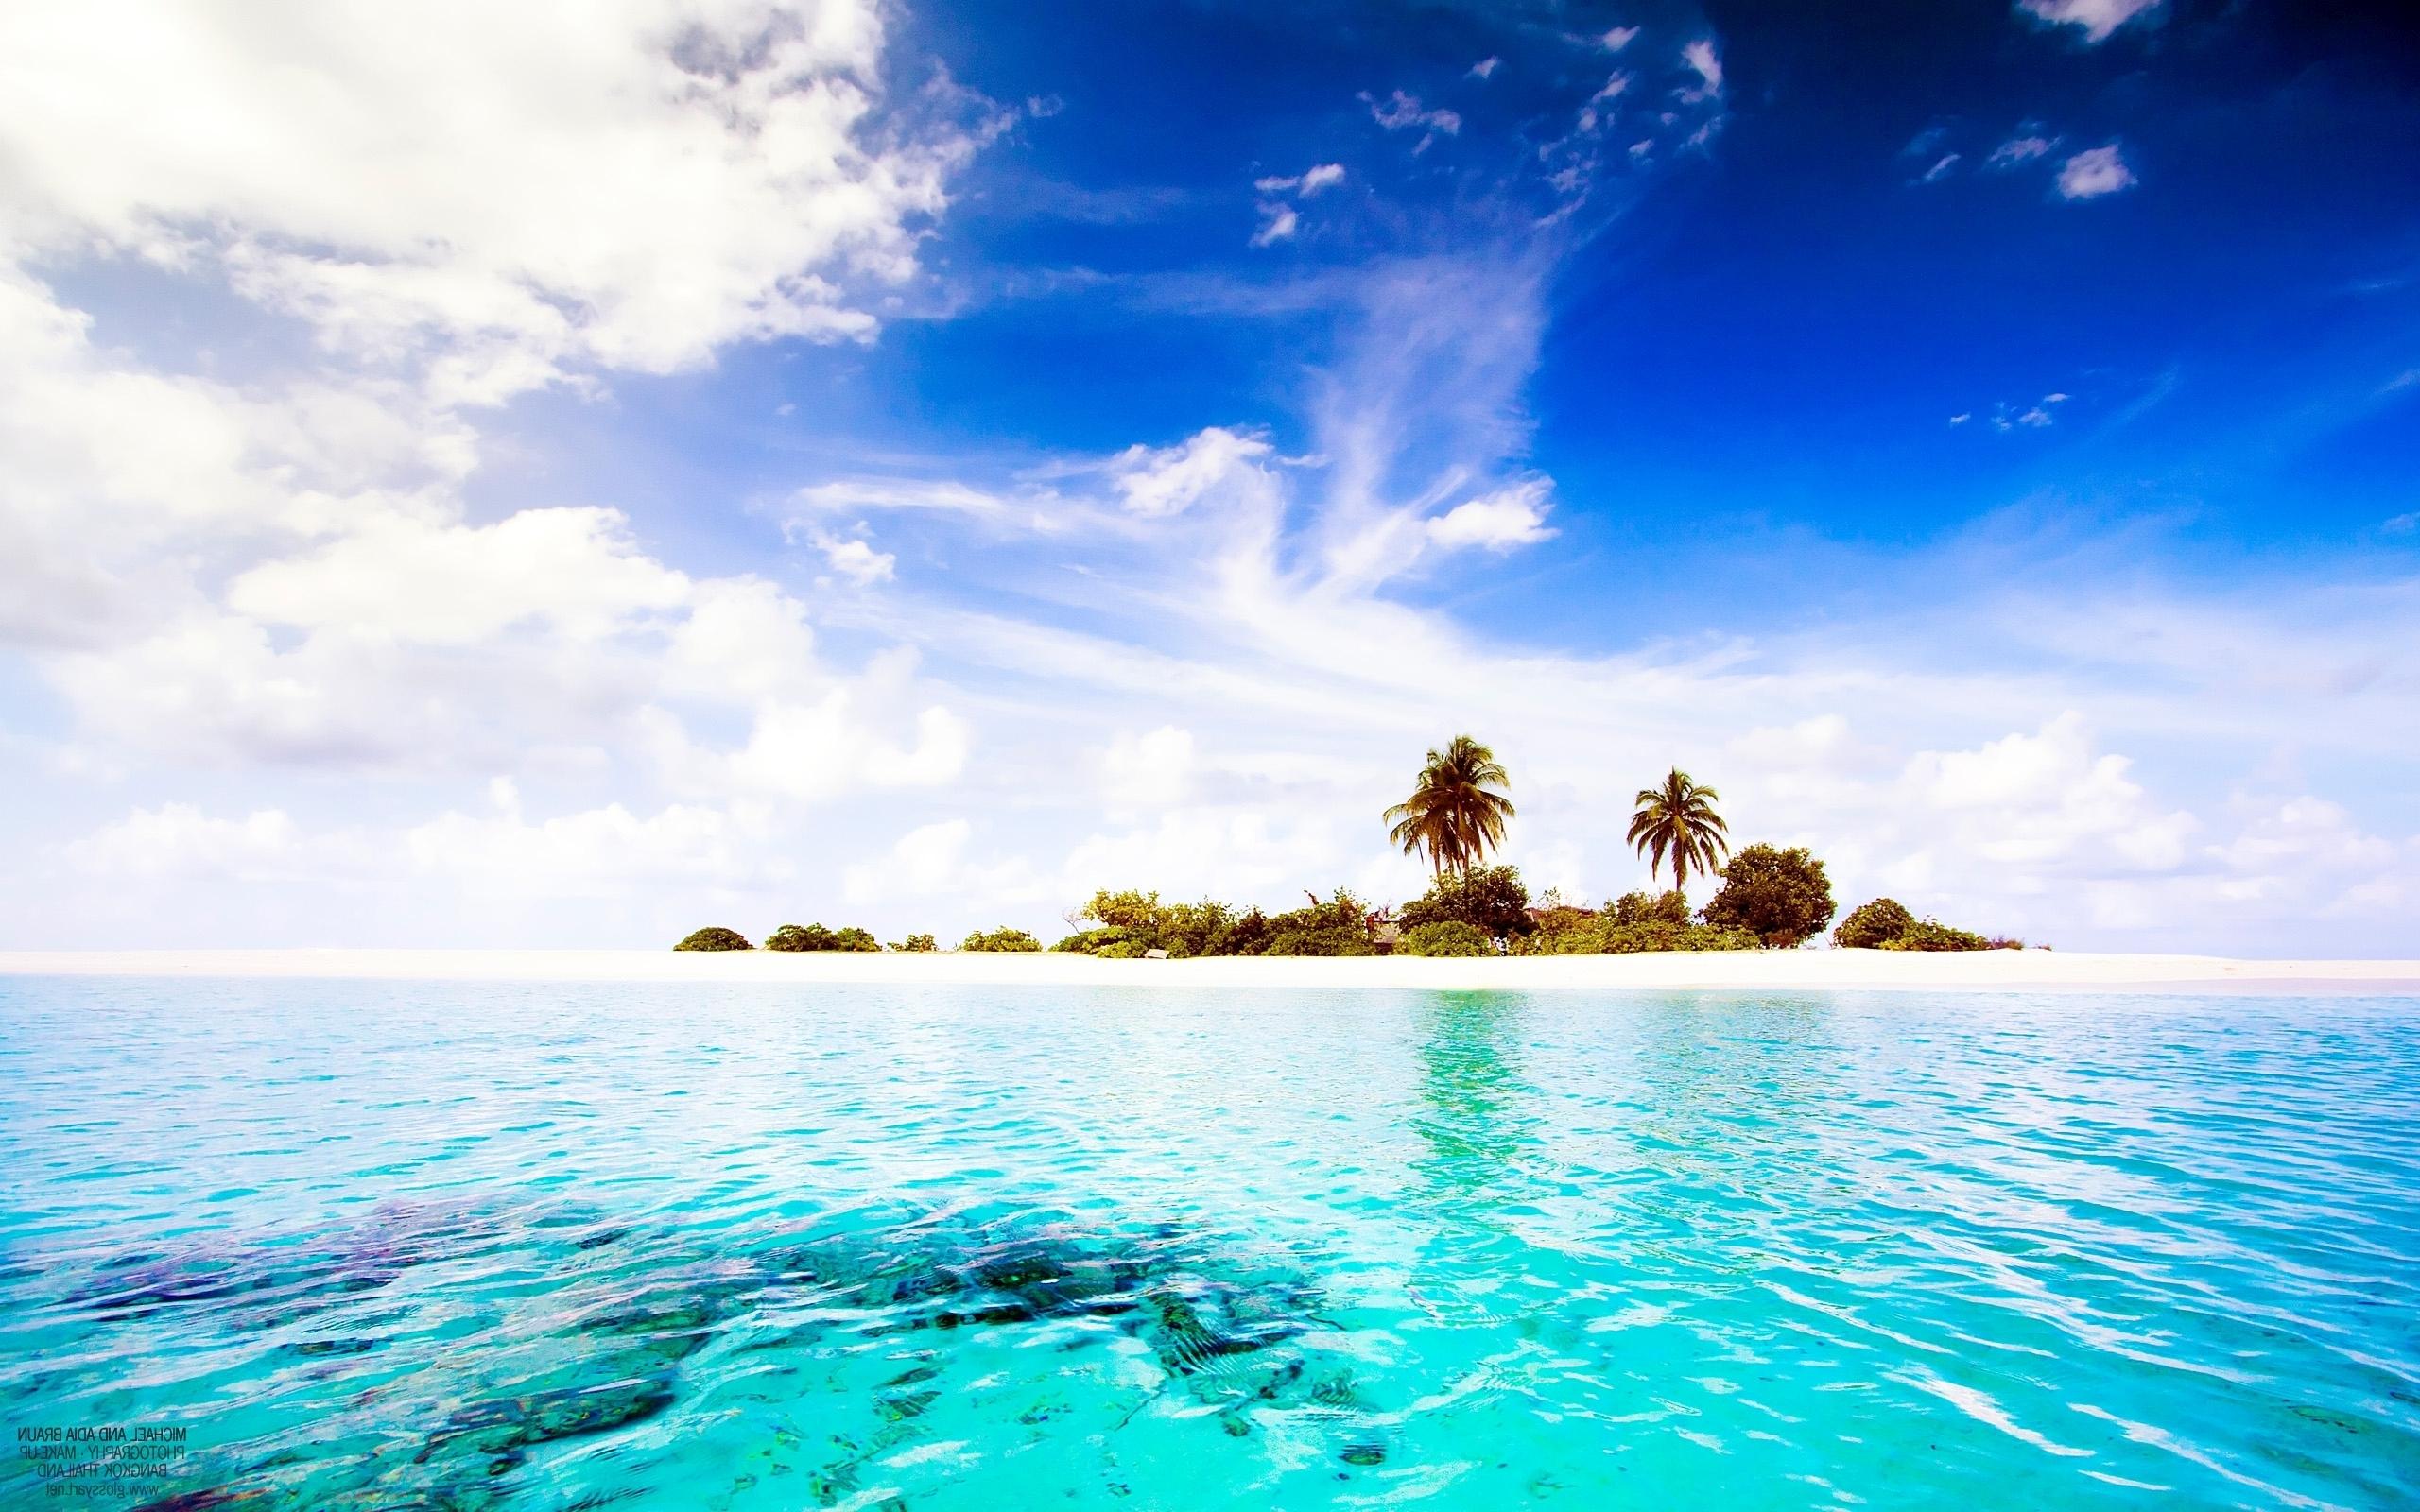 Sunset Tropical Island Wallpaper 2560x1600